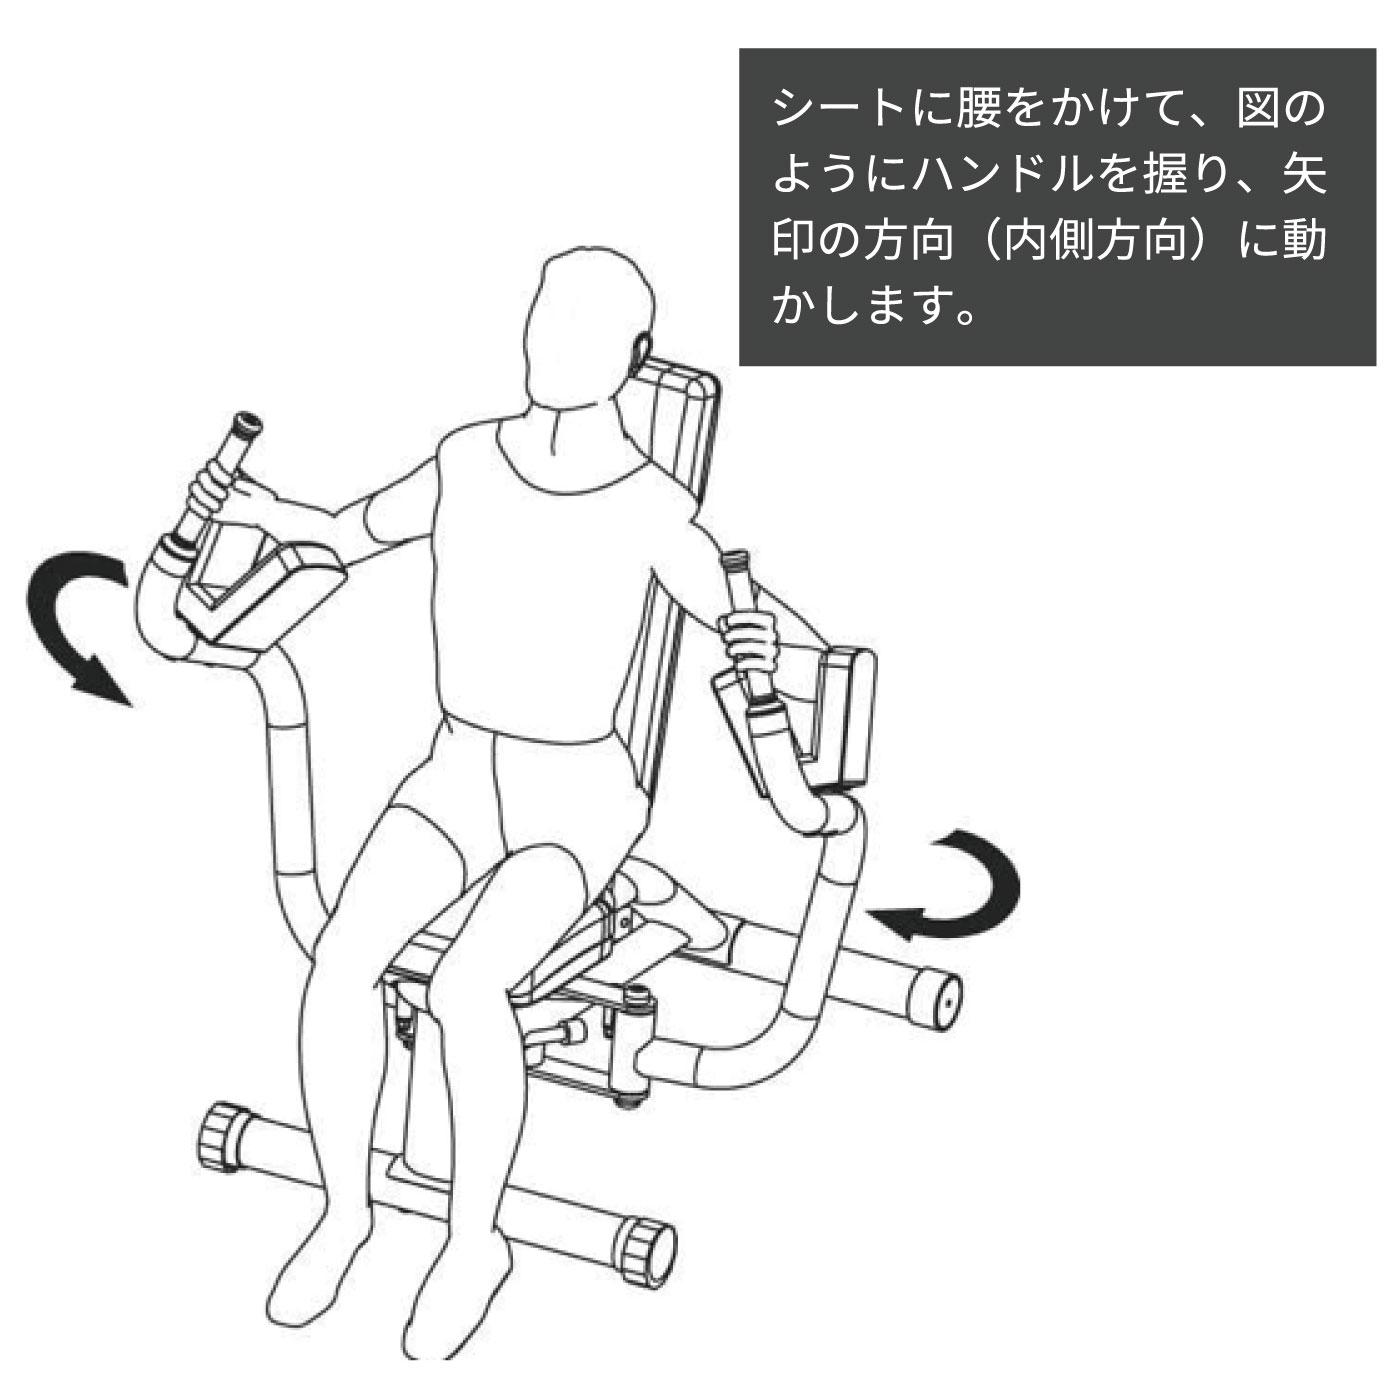 DK-1203のトレーニング方法